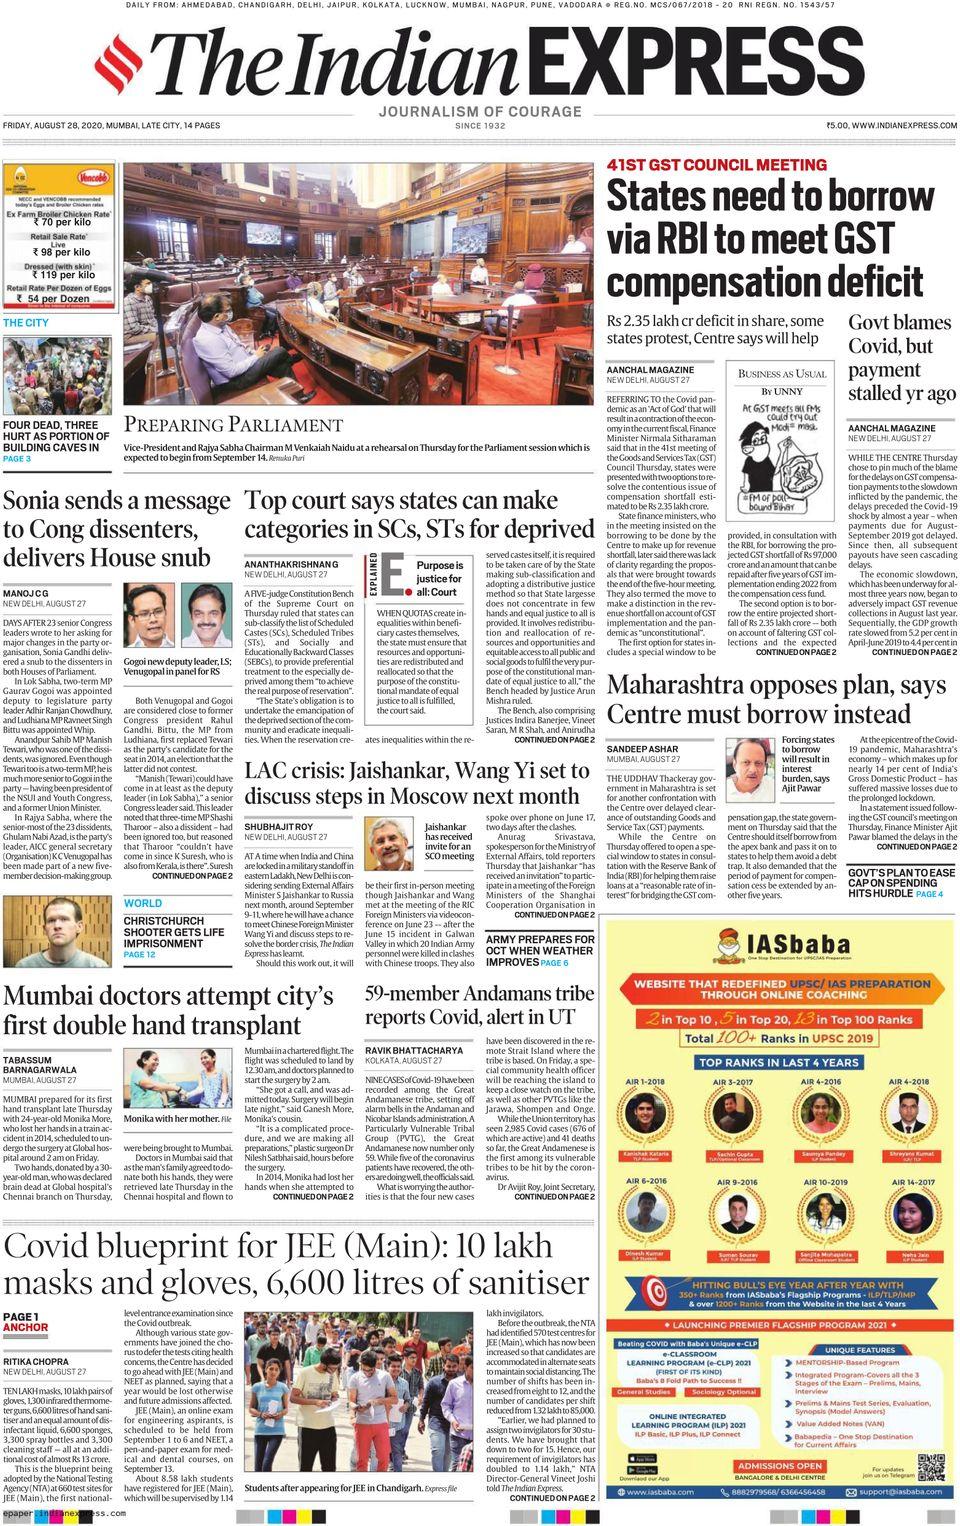 The Indian Express Delhi-April 28, 2020 Newspaper